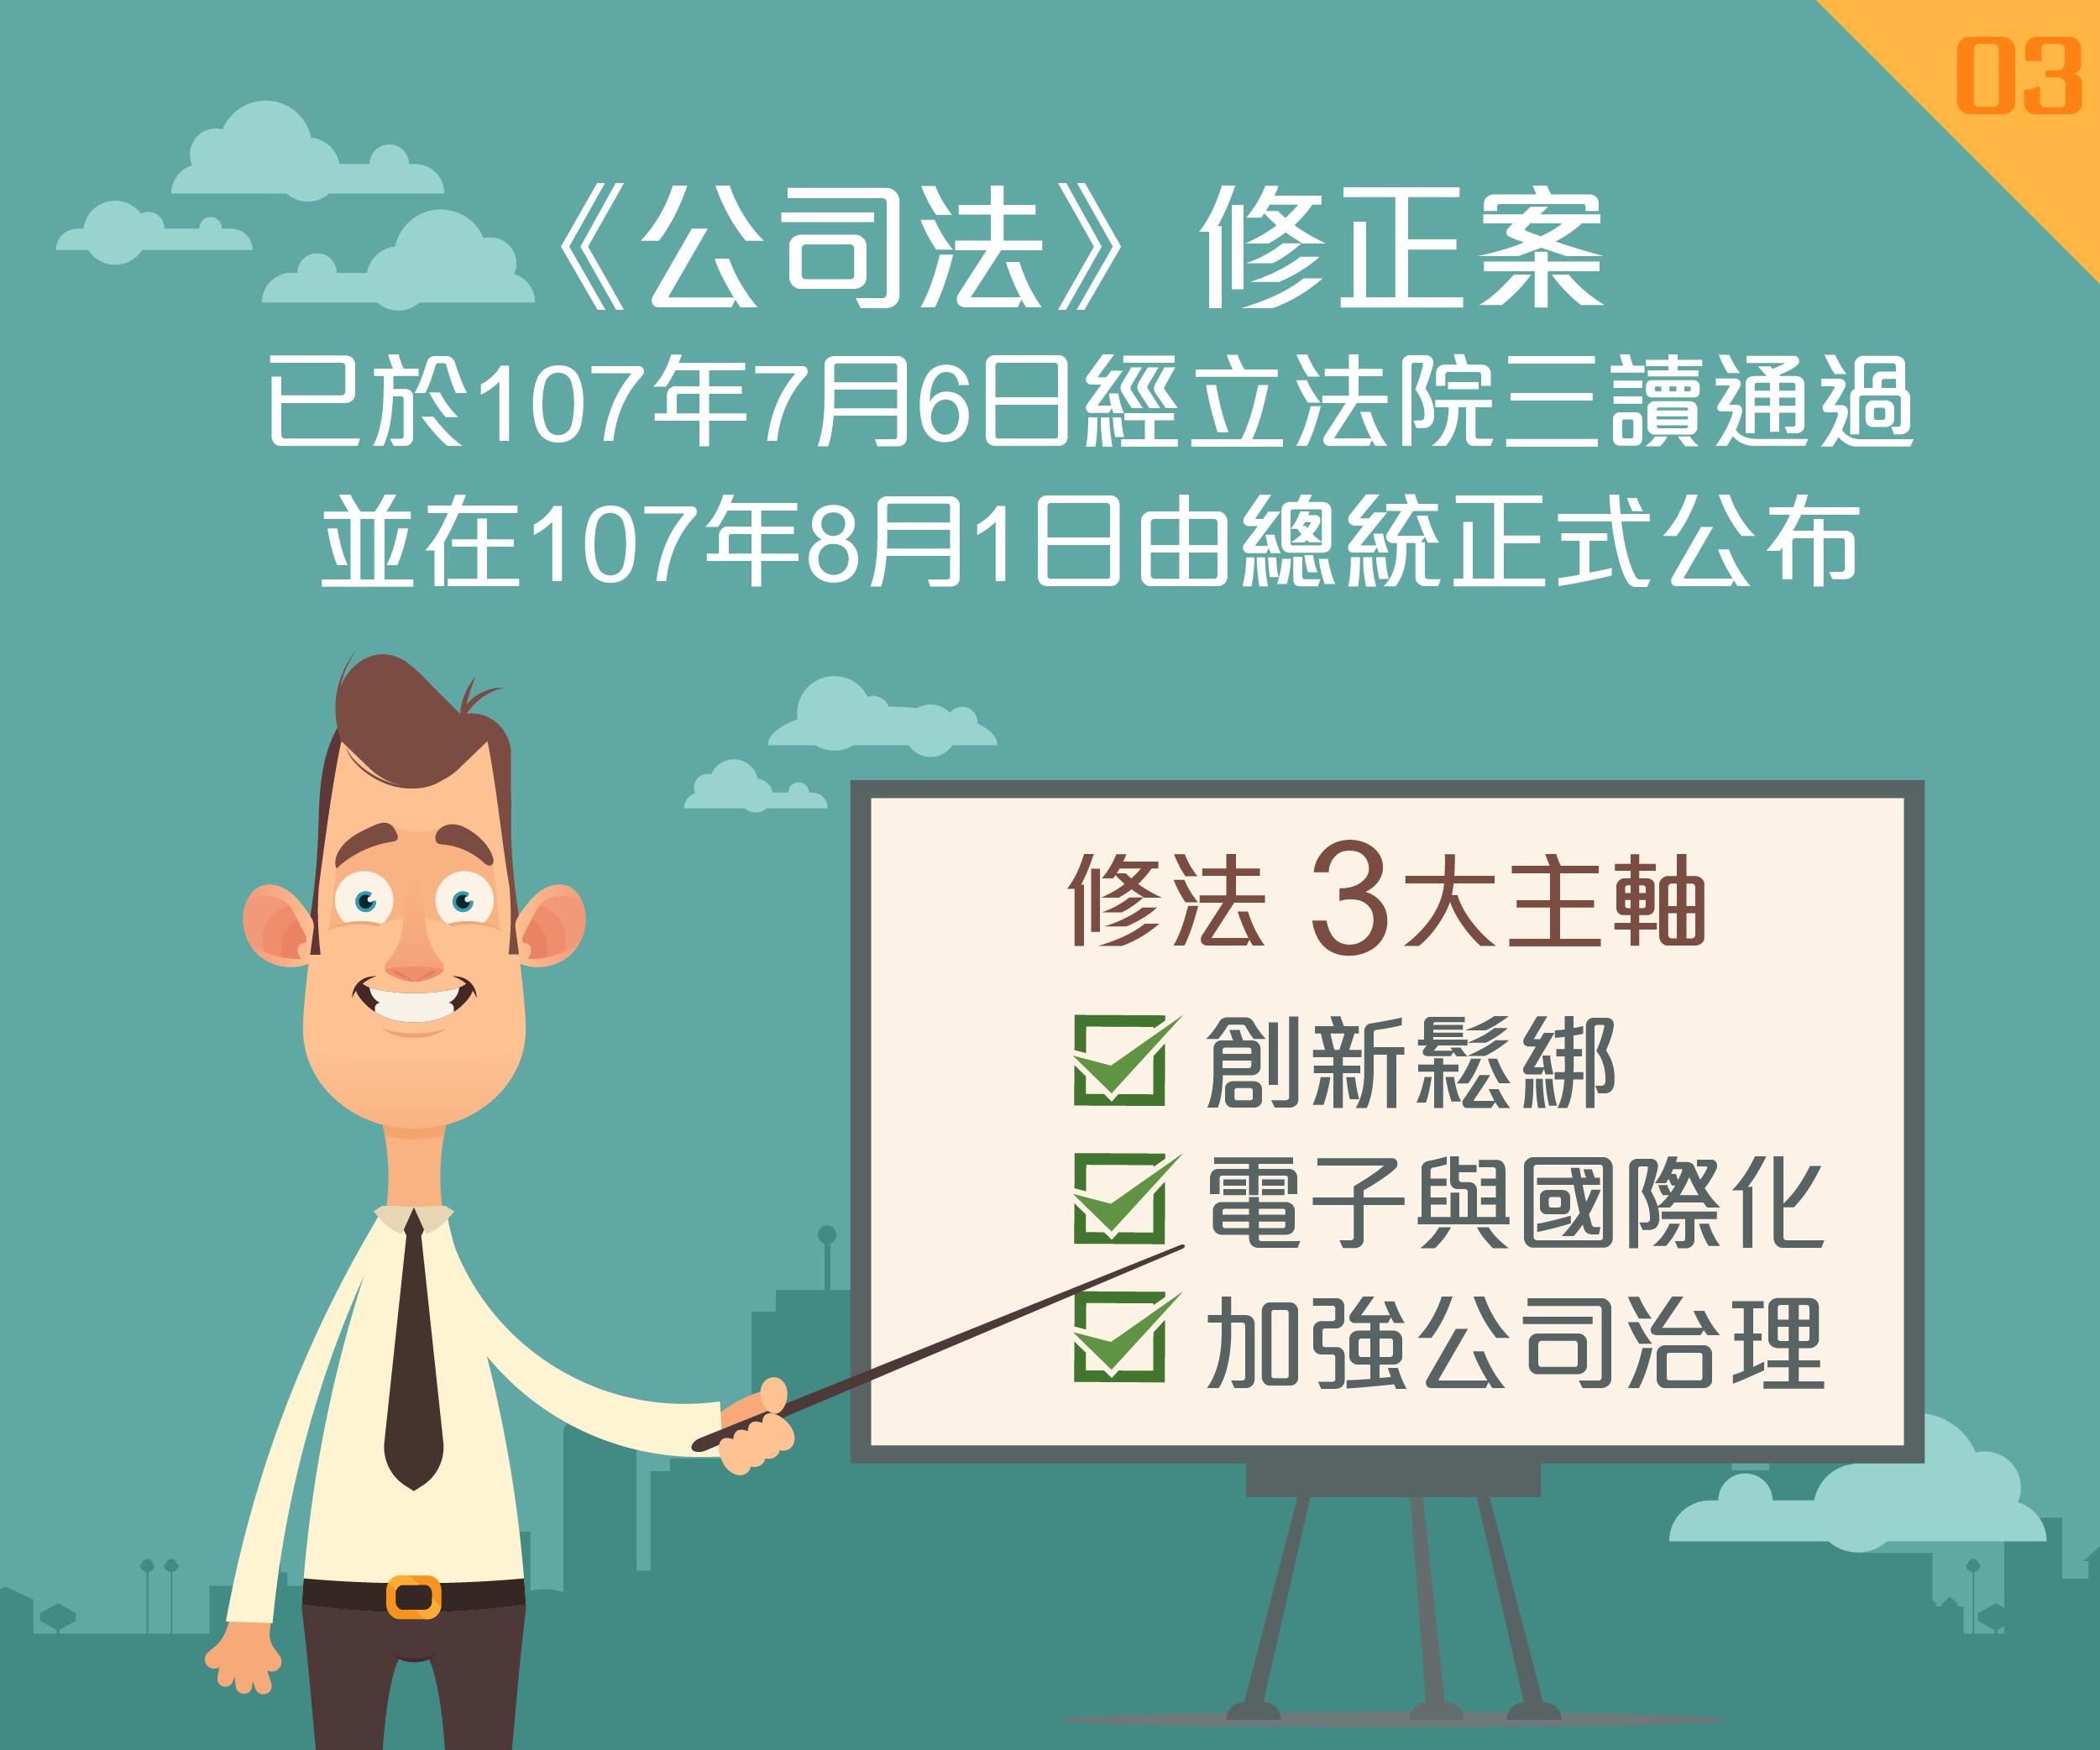 公司法懶人包修改2018-0827-04